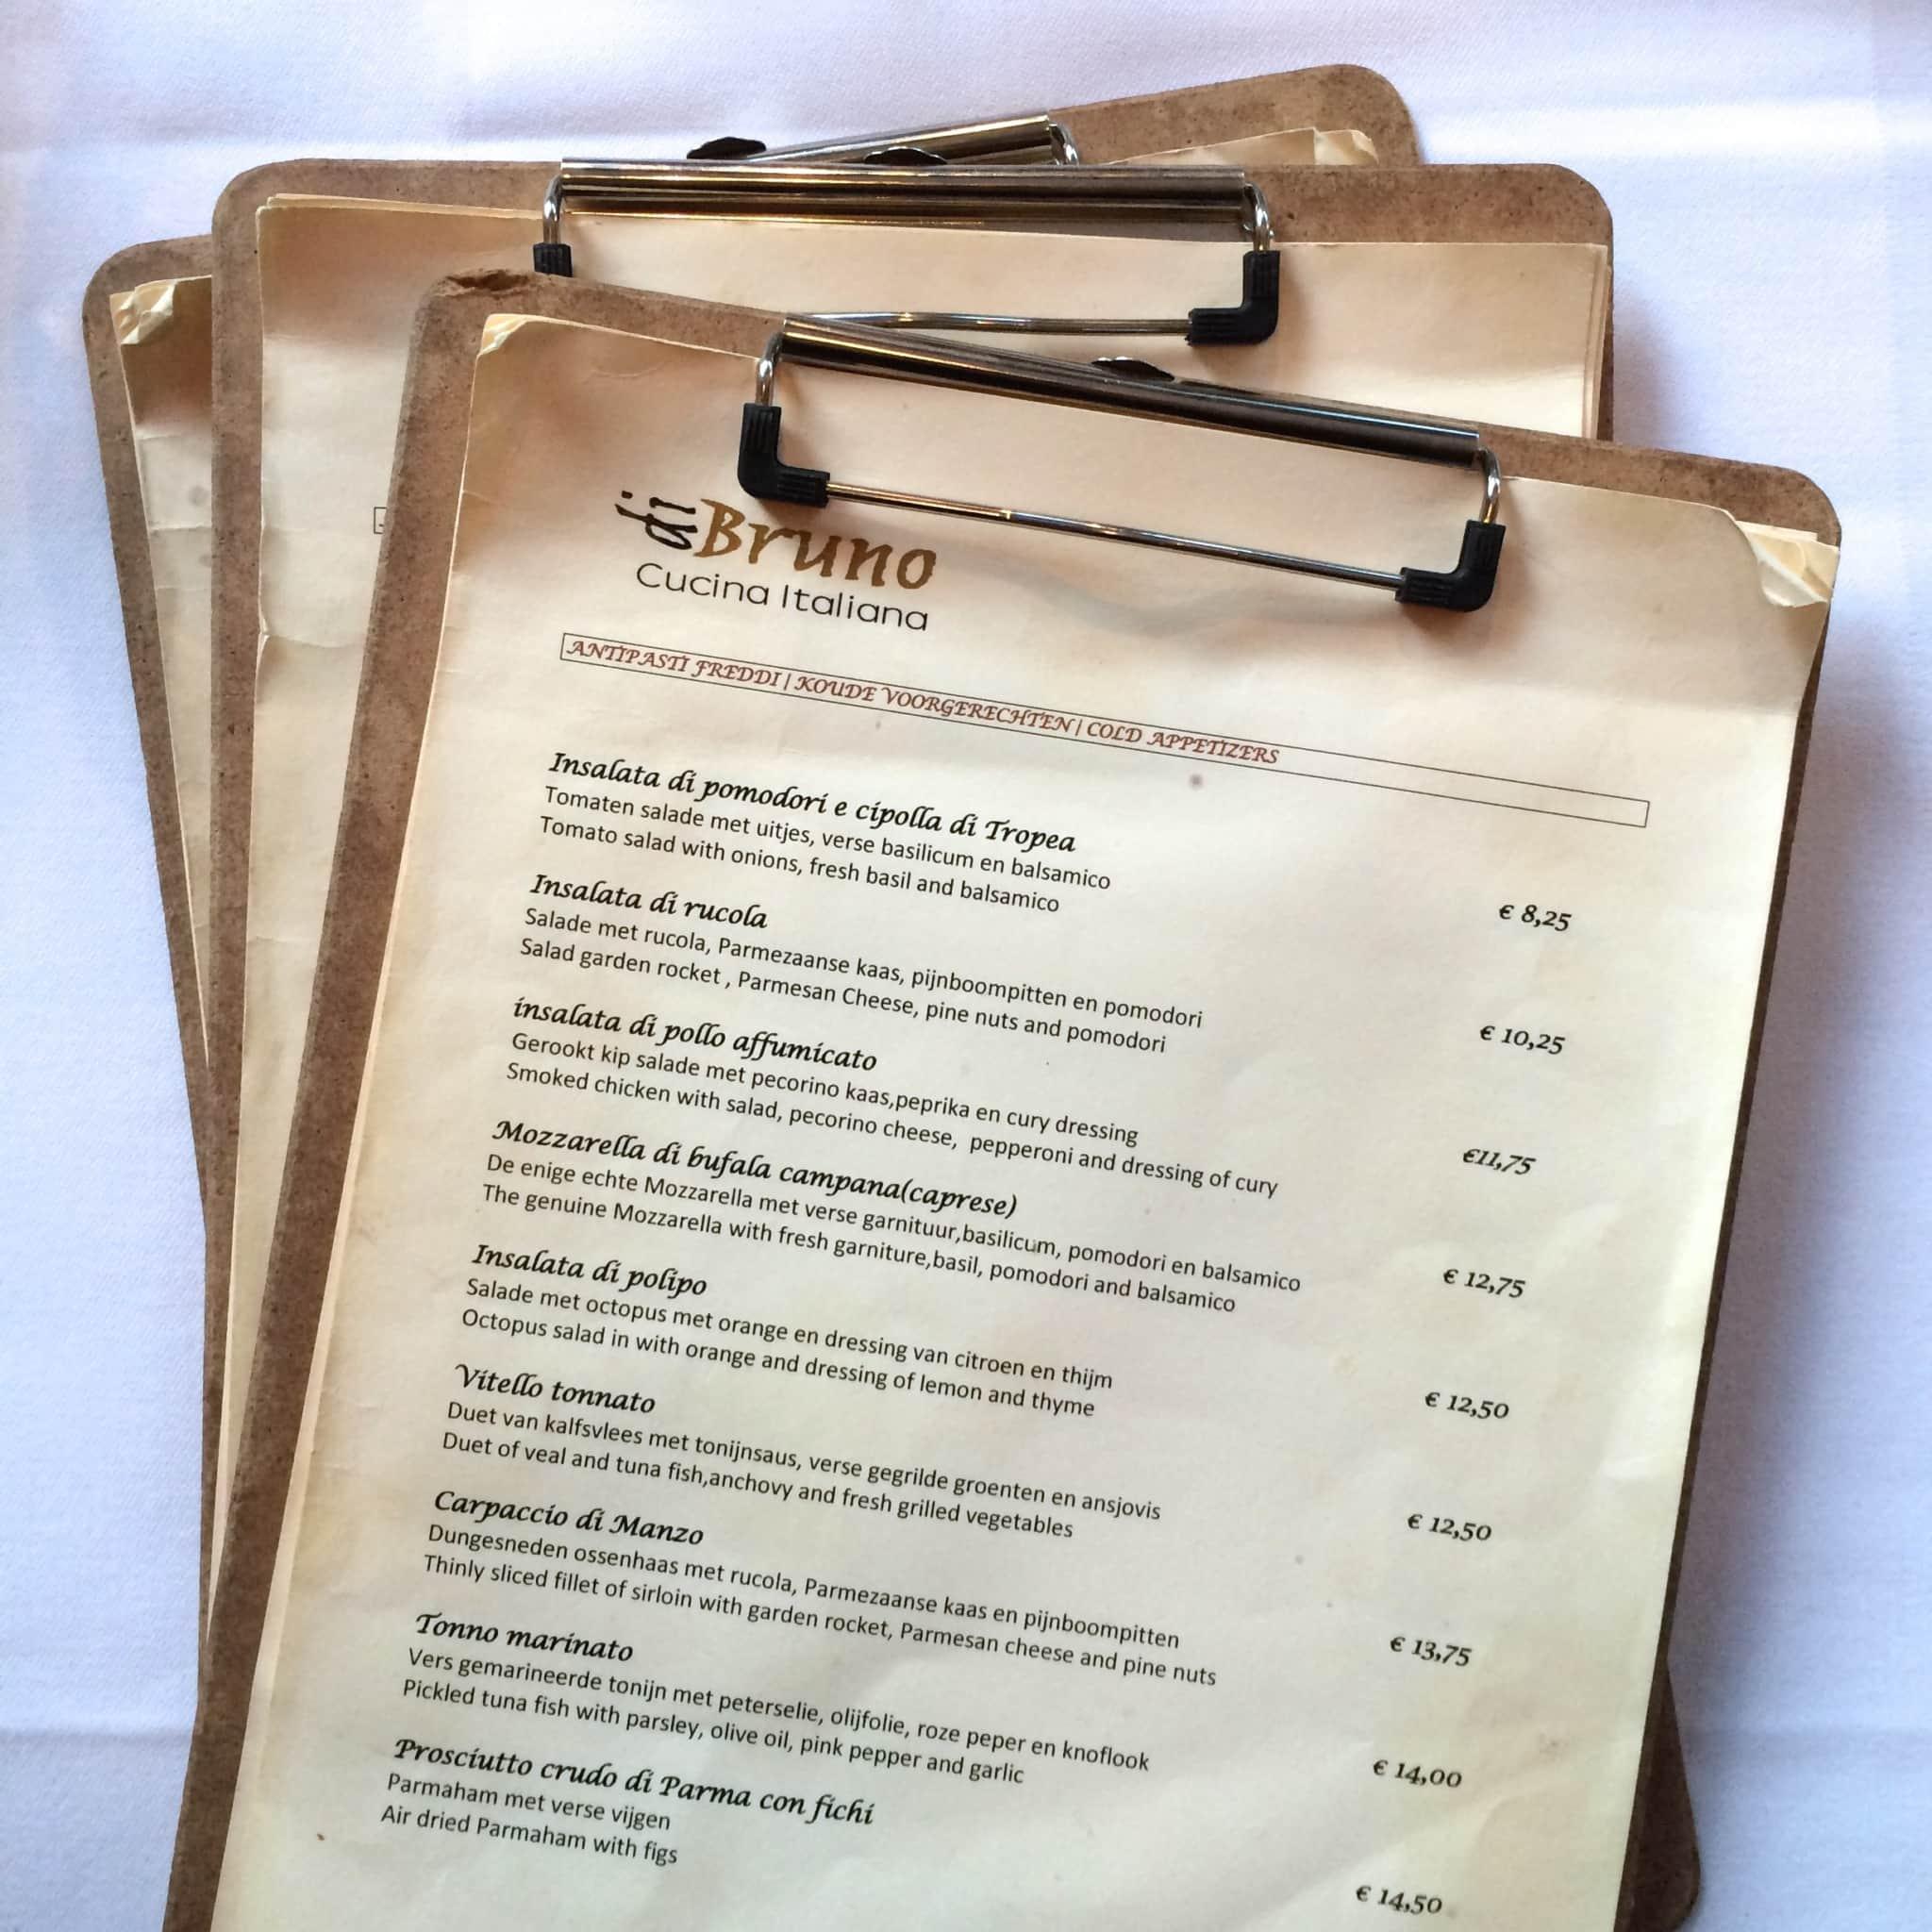 IMG 0788 - Restaurant Di Bruno - 020 Review